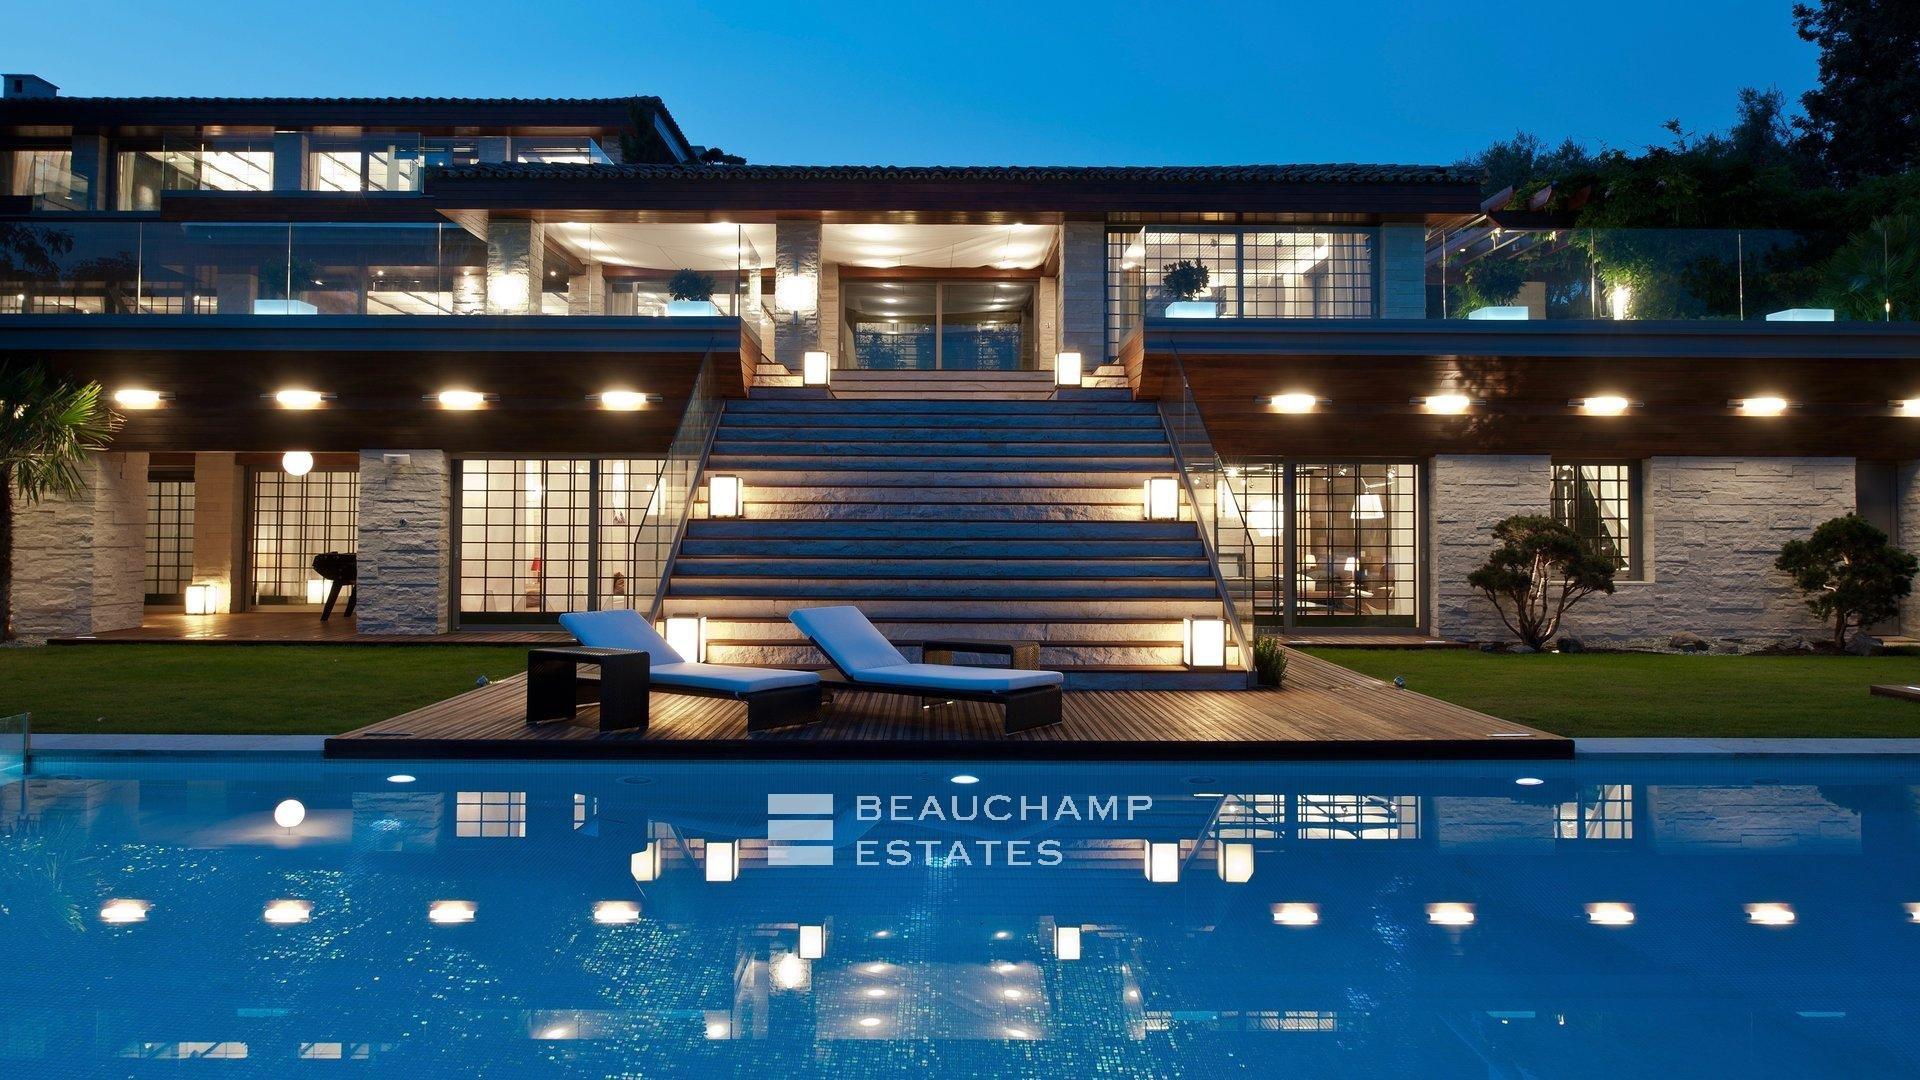 dom architektura wnetrze cannes francja